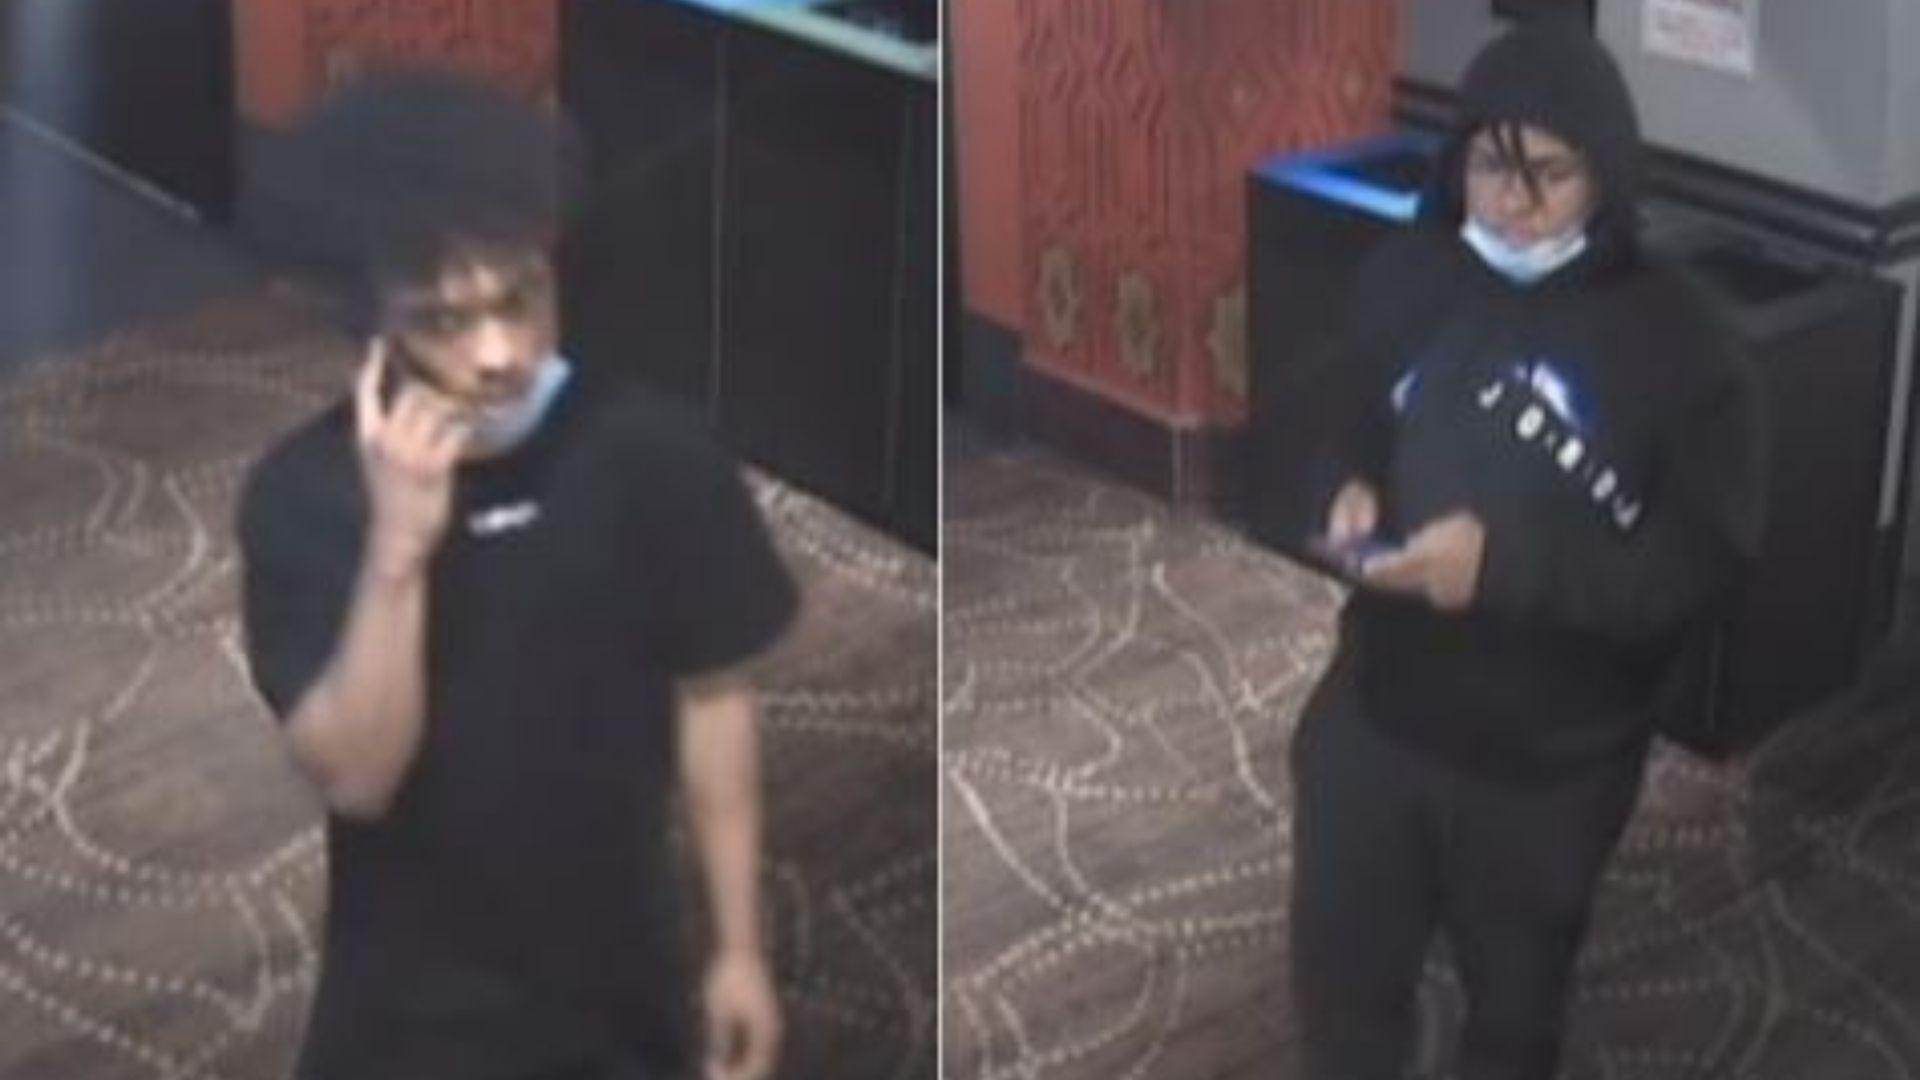 manhattan movie theater robbery suspects